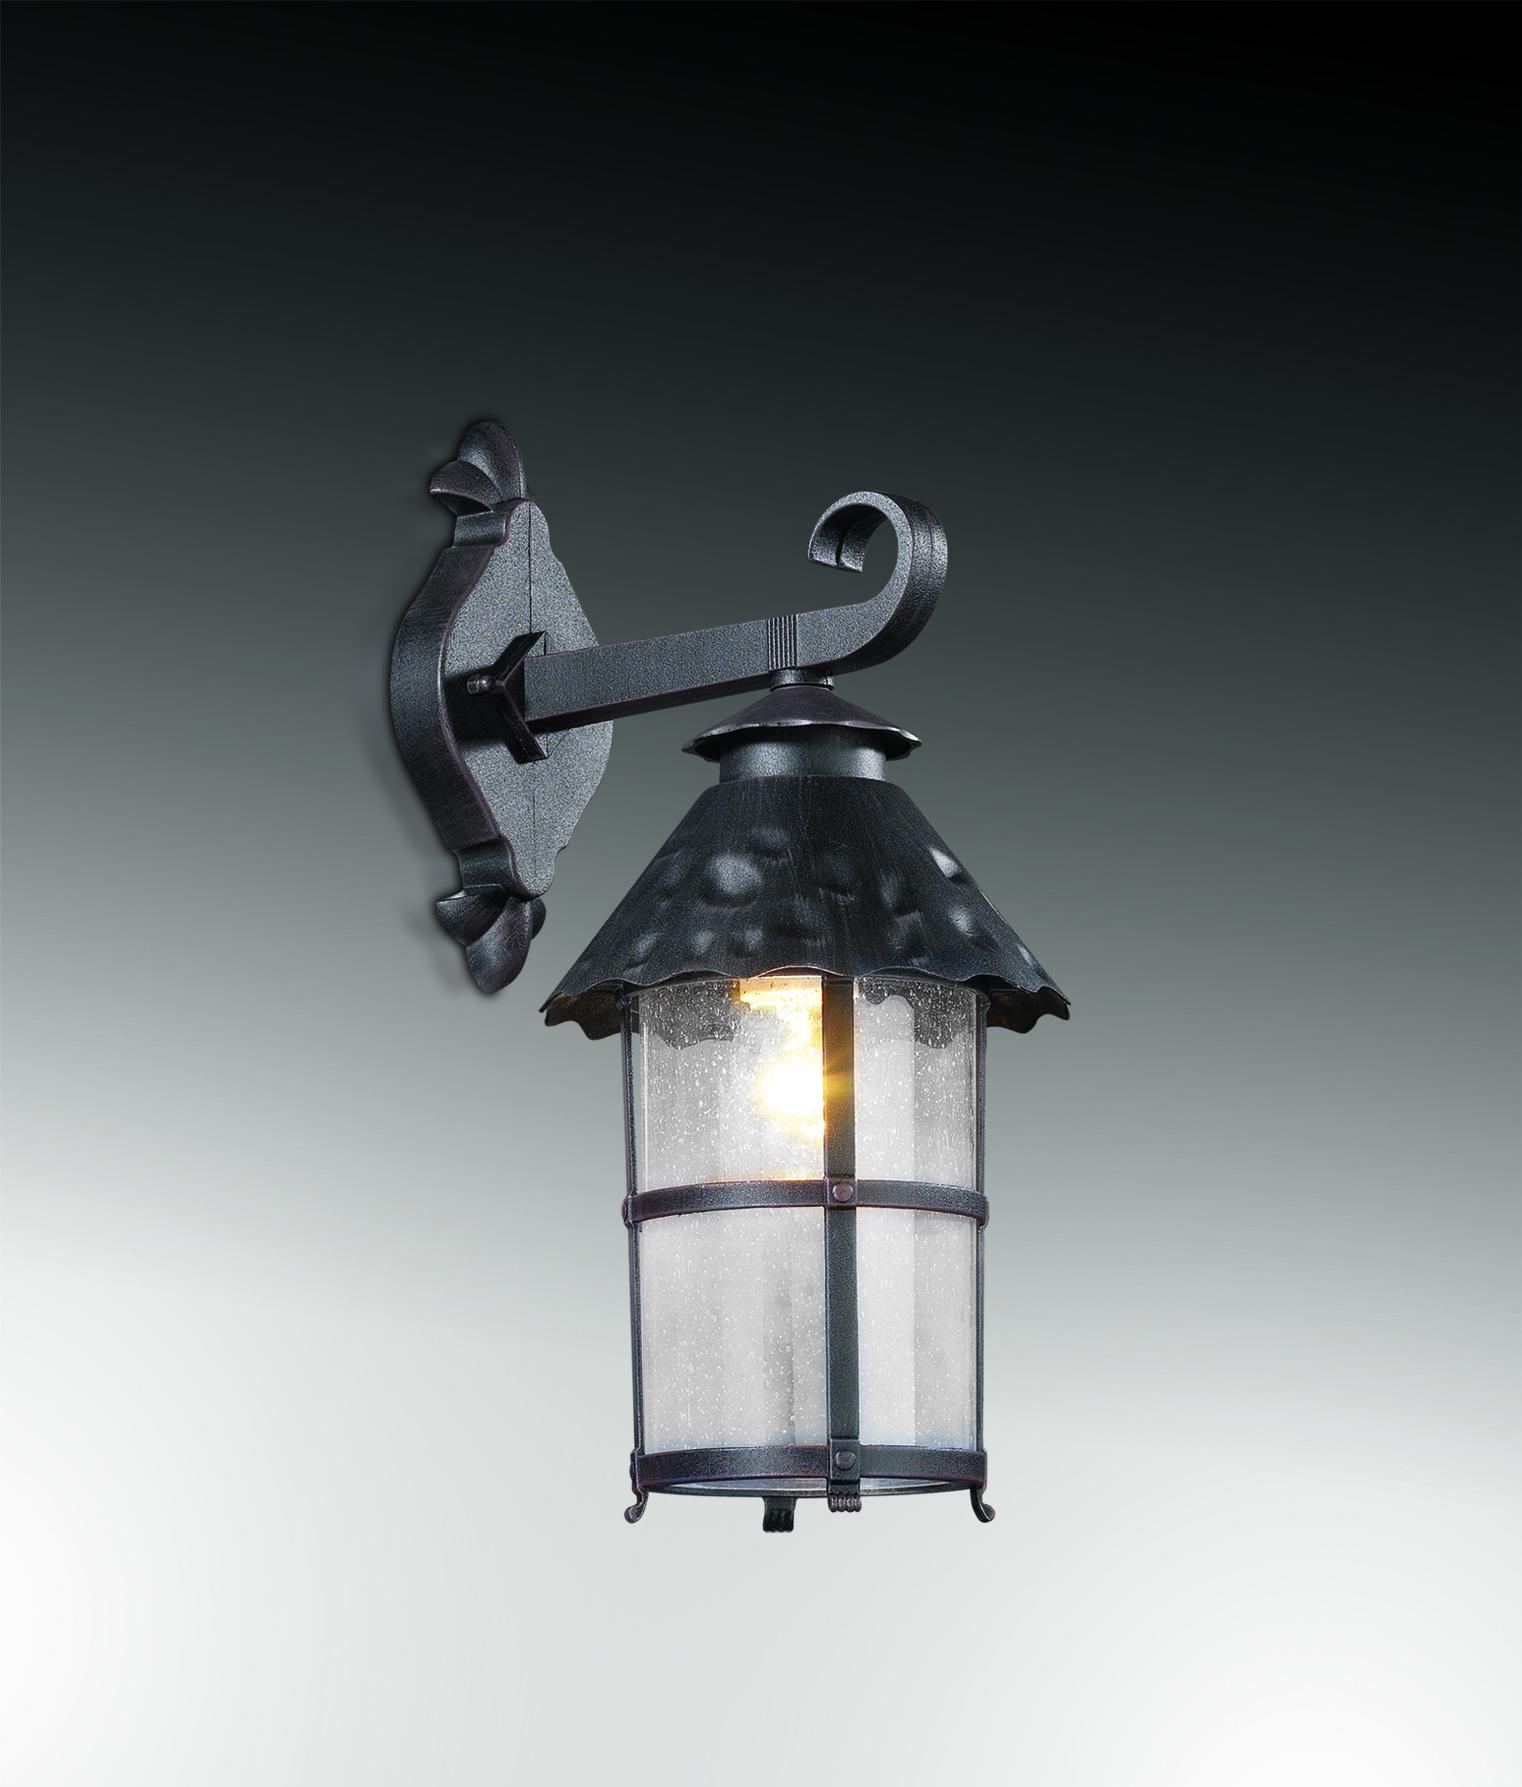 Настенный фонарь Odeon Light Nature Lumi 2313/1W, IP44, 1xE27x60W, коричневый, прозрачный, металл, ковка, металл со стеклом - фото 1